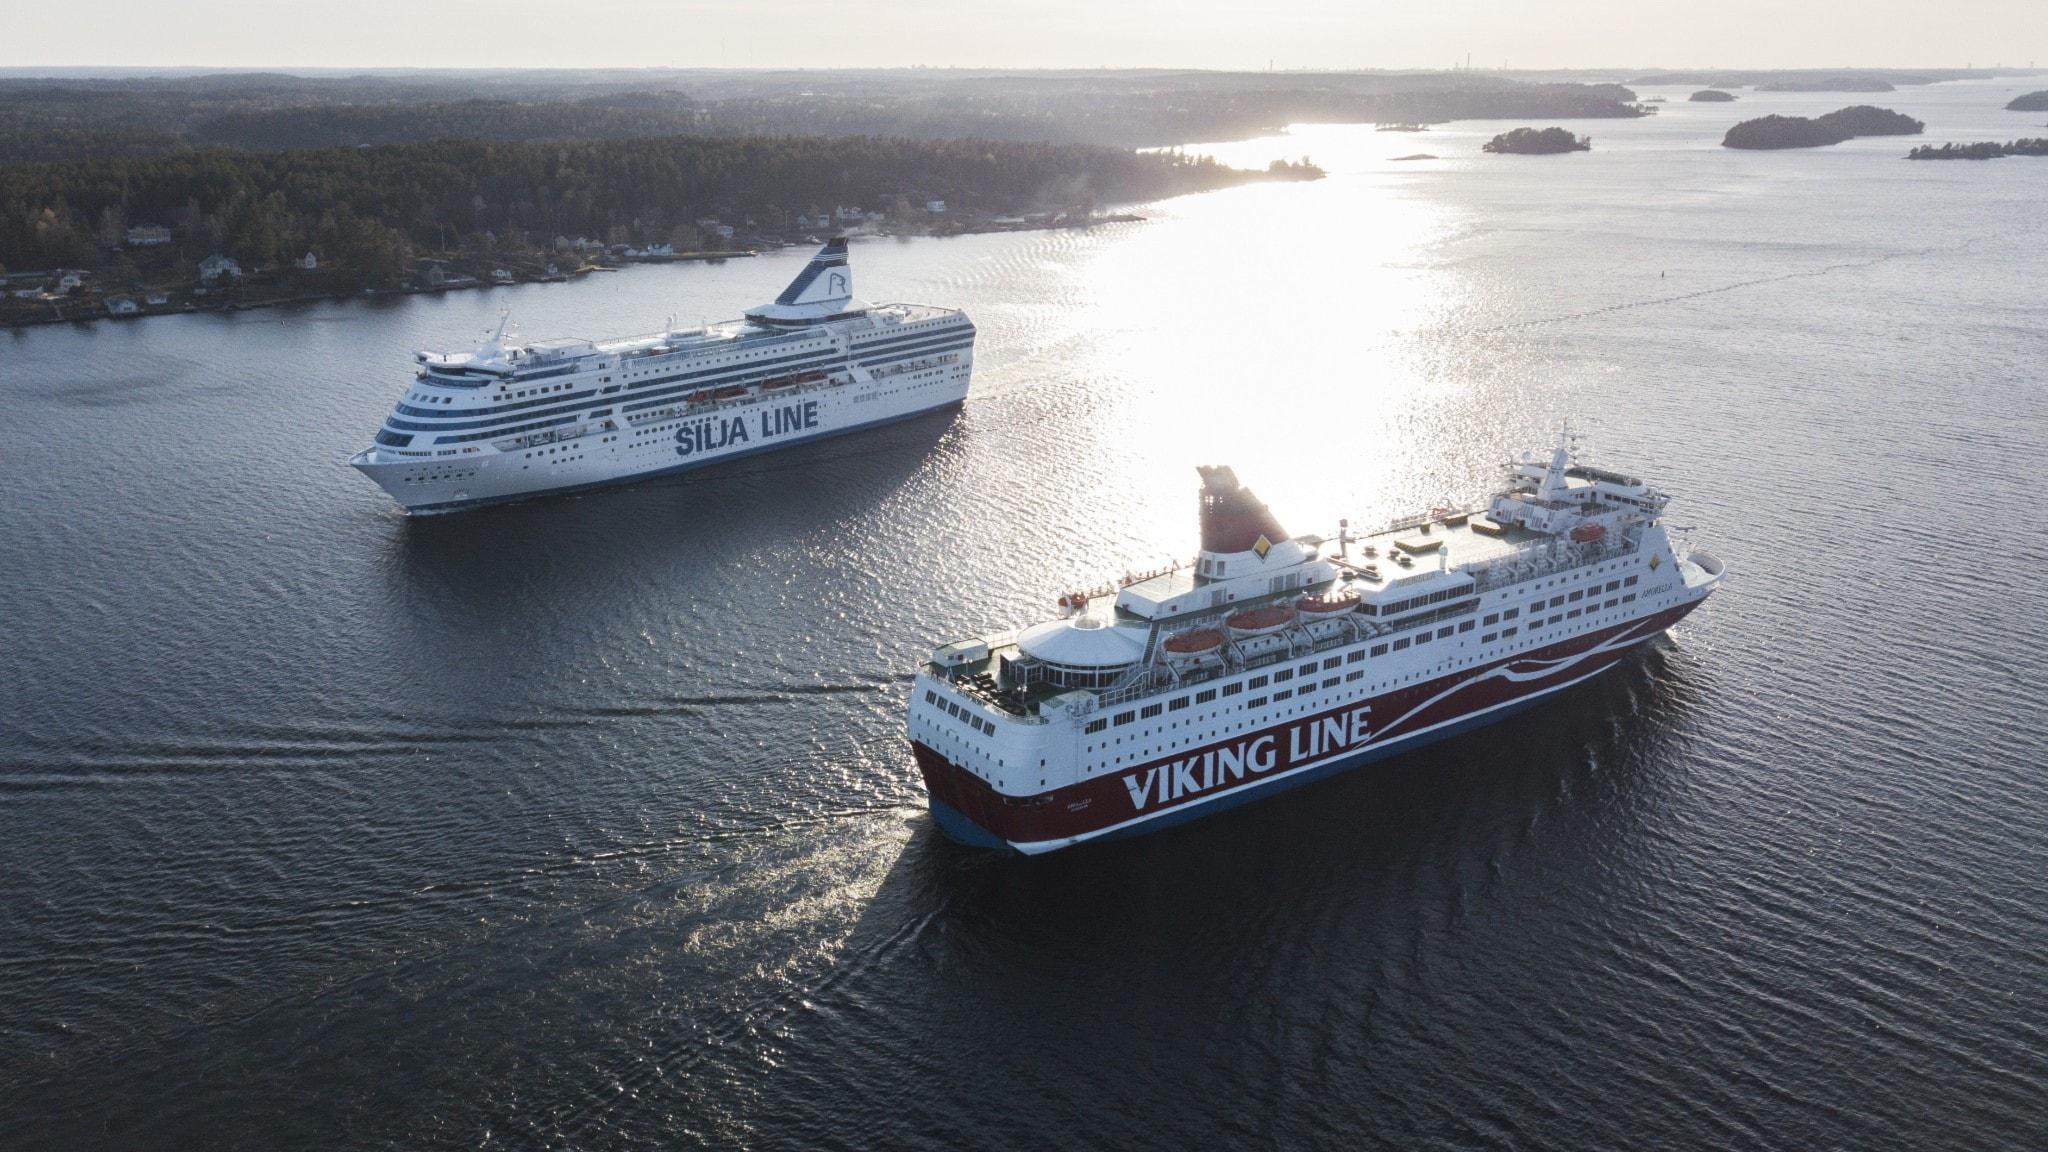 Två  Finlands-färjor ute på havet, Silja-line och Viking-line